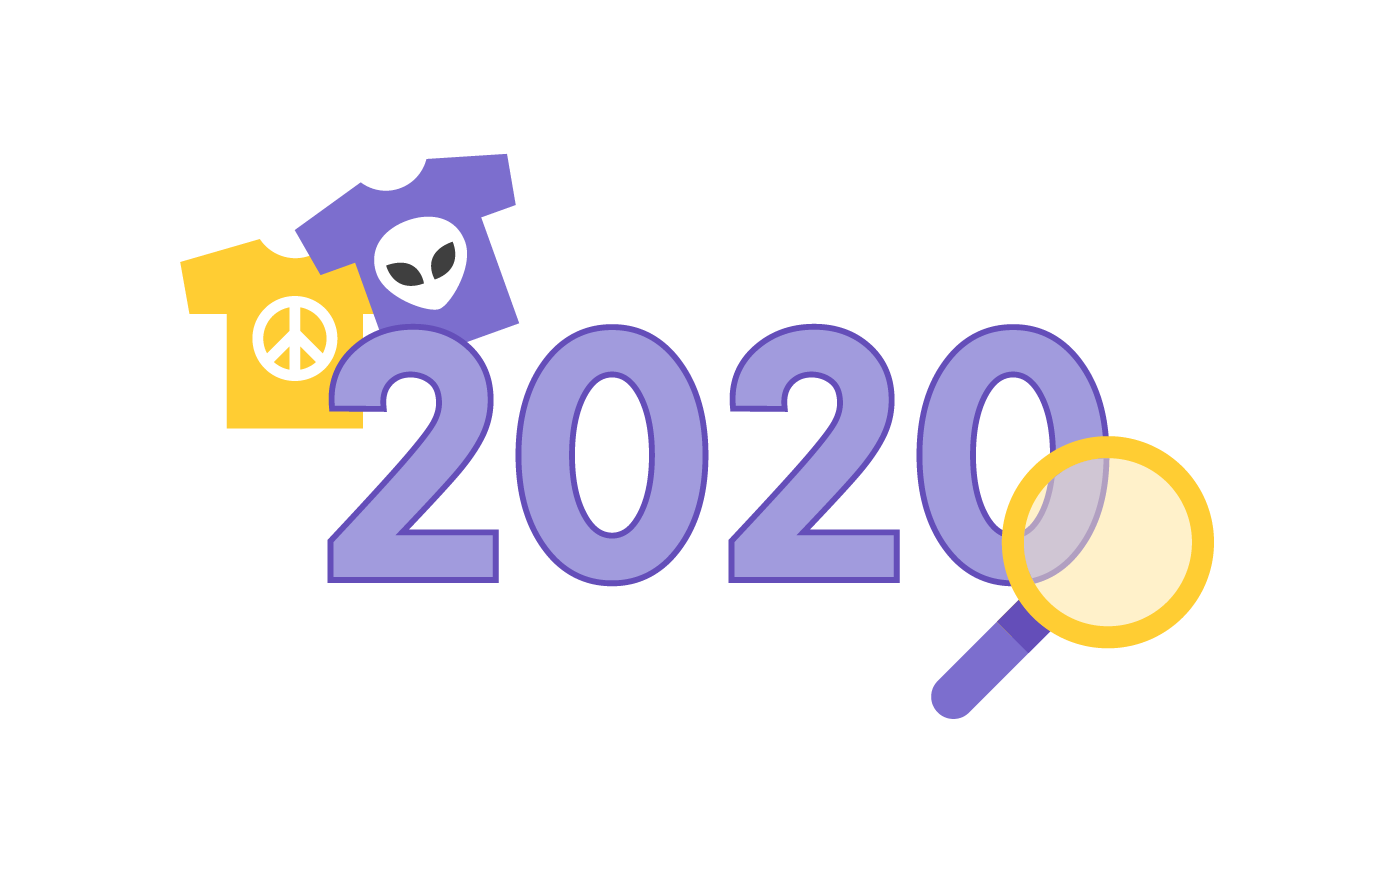 Merch by Amazon Jahresrückblick 2020